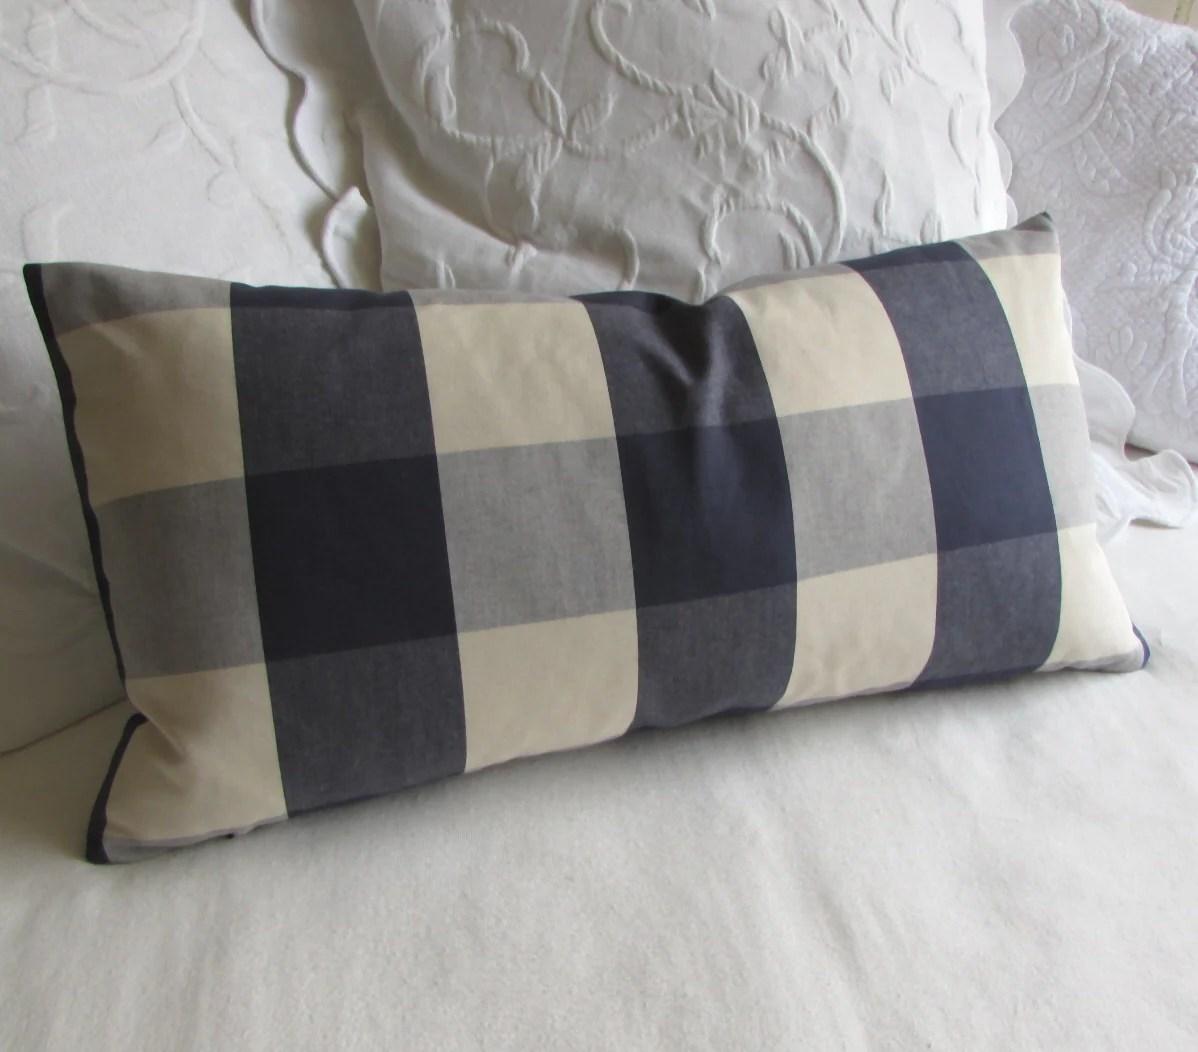 buffalo check sofa cover slumberland com sofas navy cream decorative designer pillow by yiayias